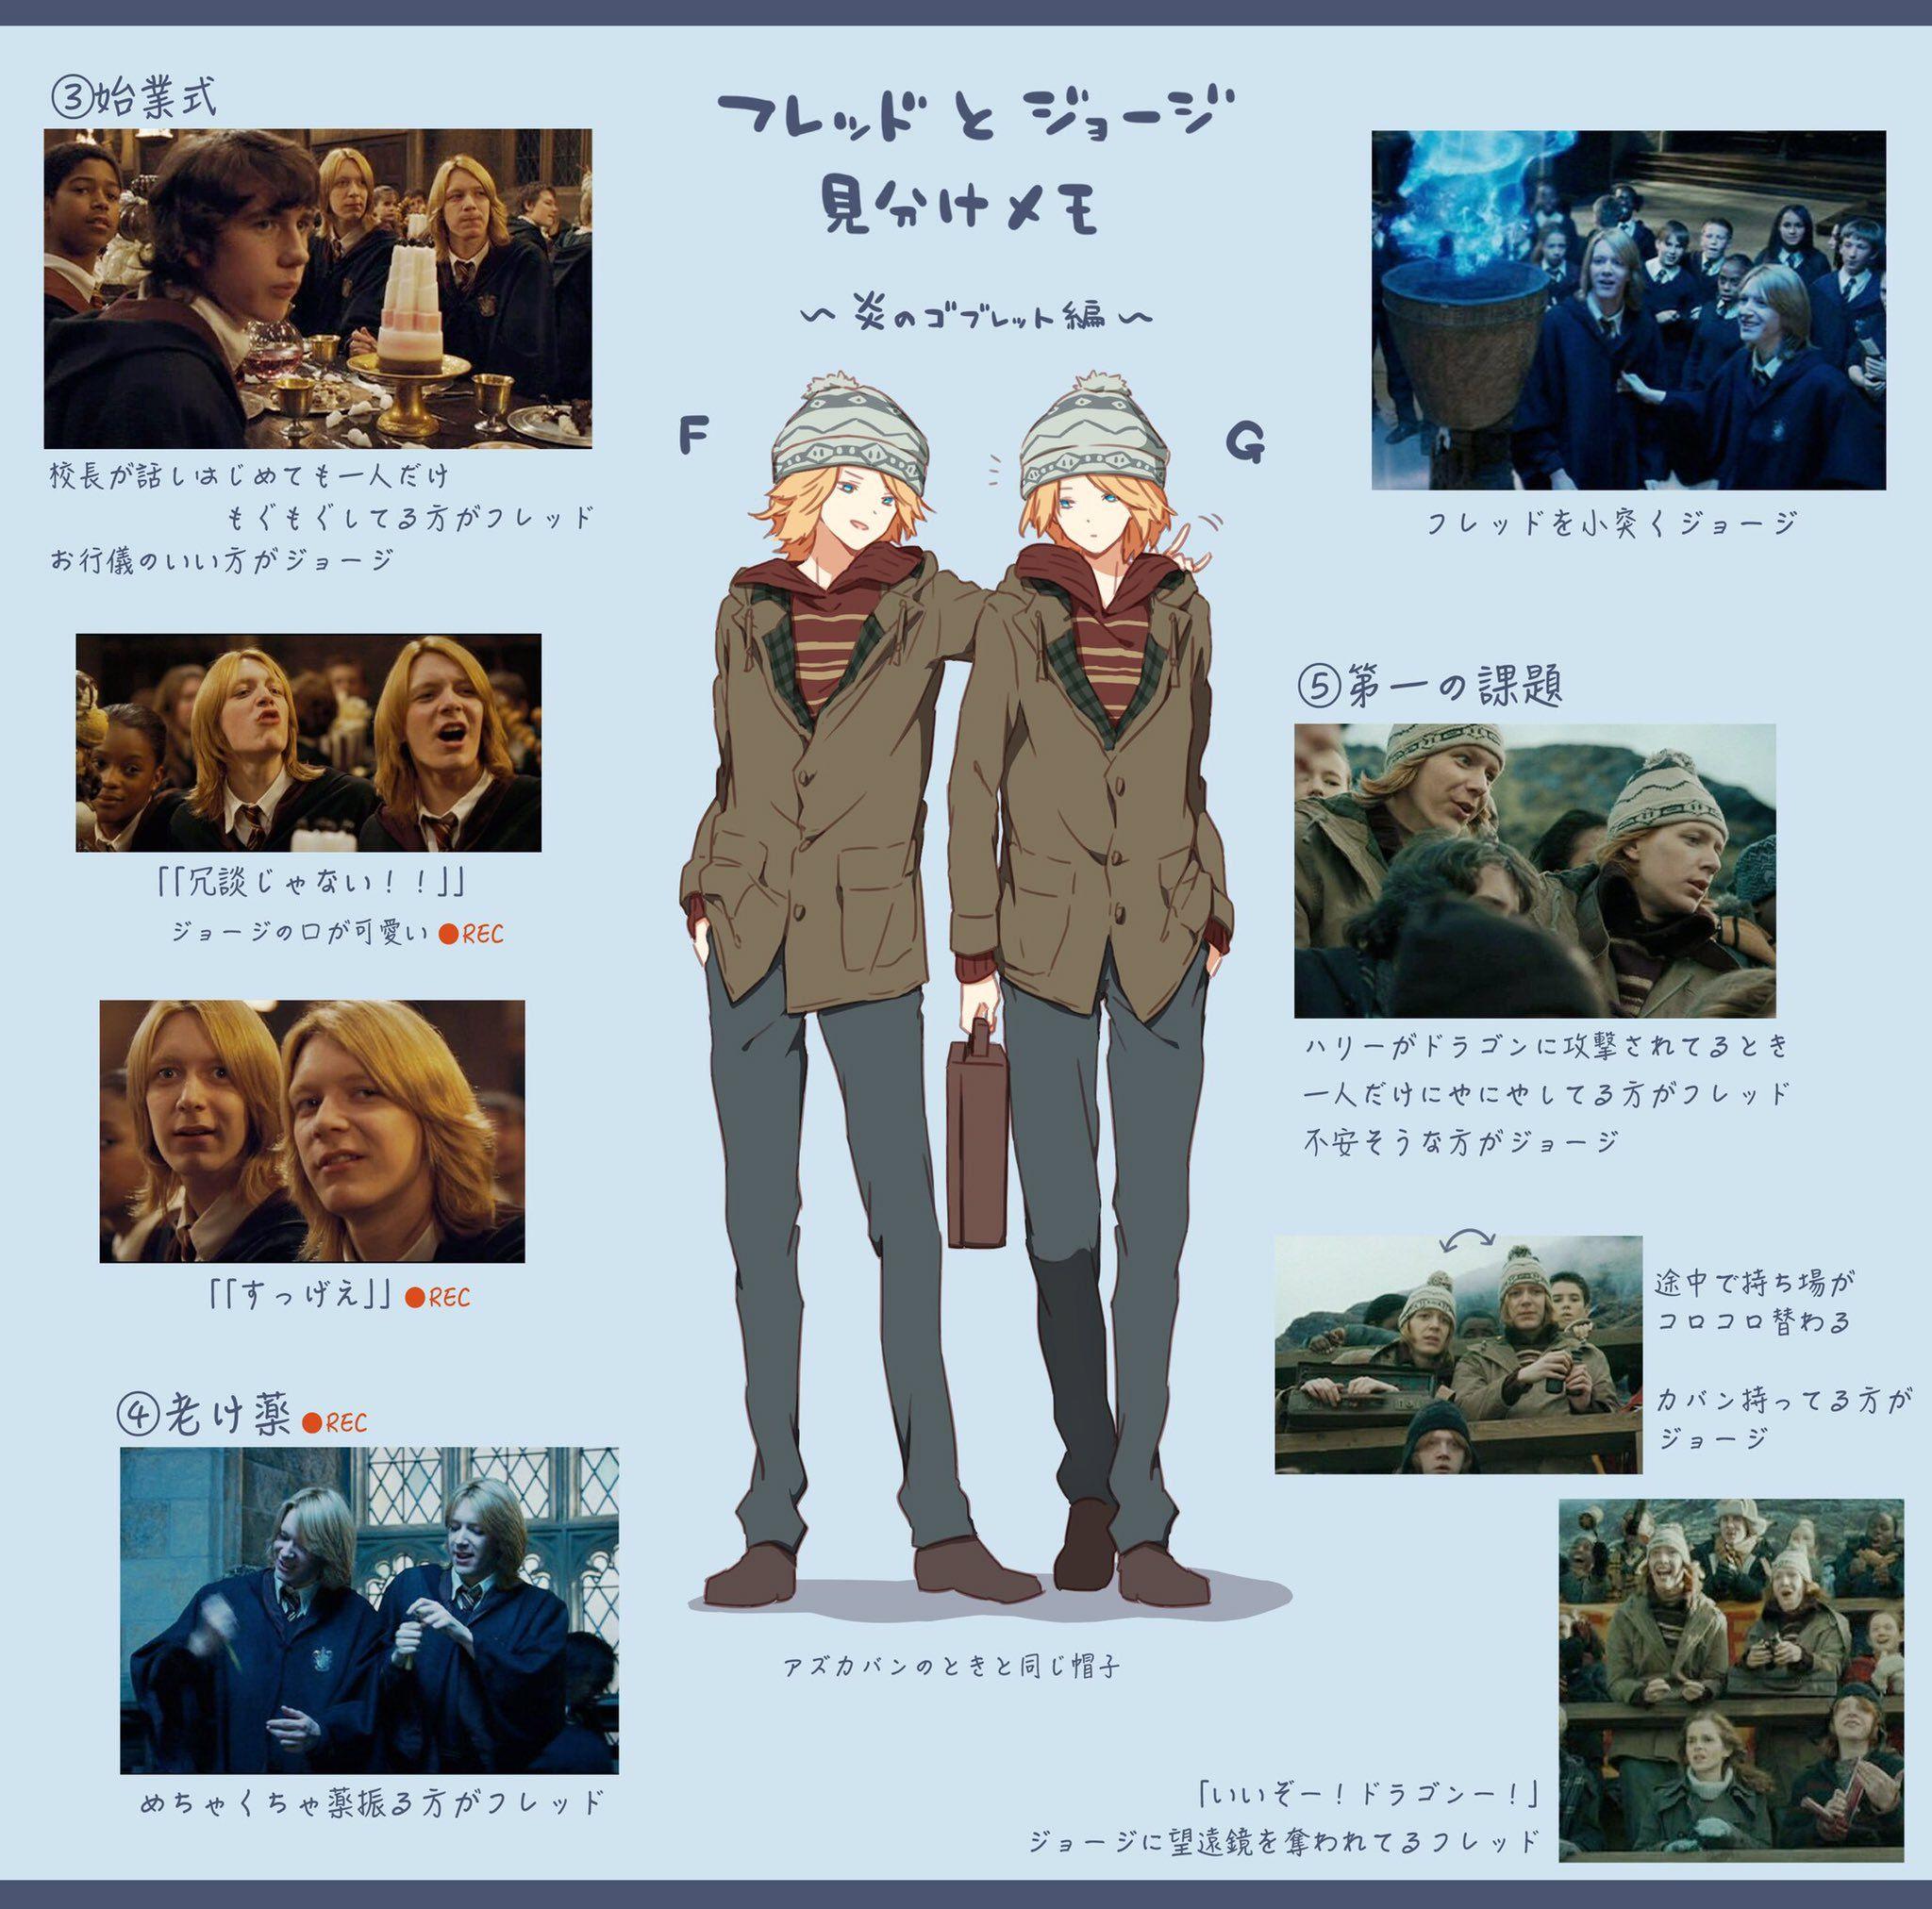 Hinh ảnh ハリーポッターのアニメ ハリー ポッターのアート ハリポタ